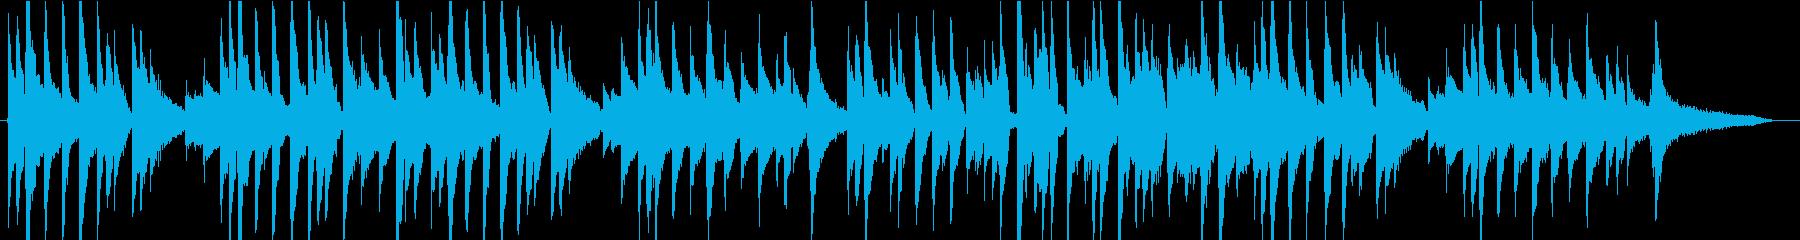 子守唄のような、ギター1本による生演奏の再生済みの波形